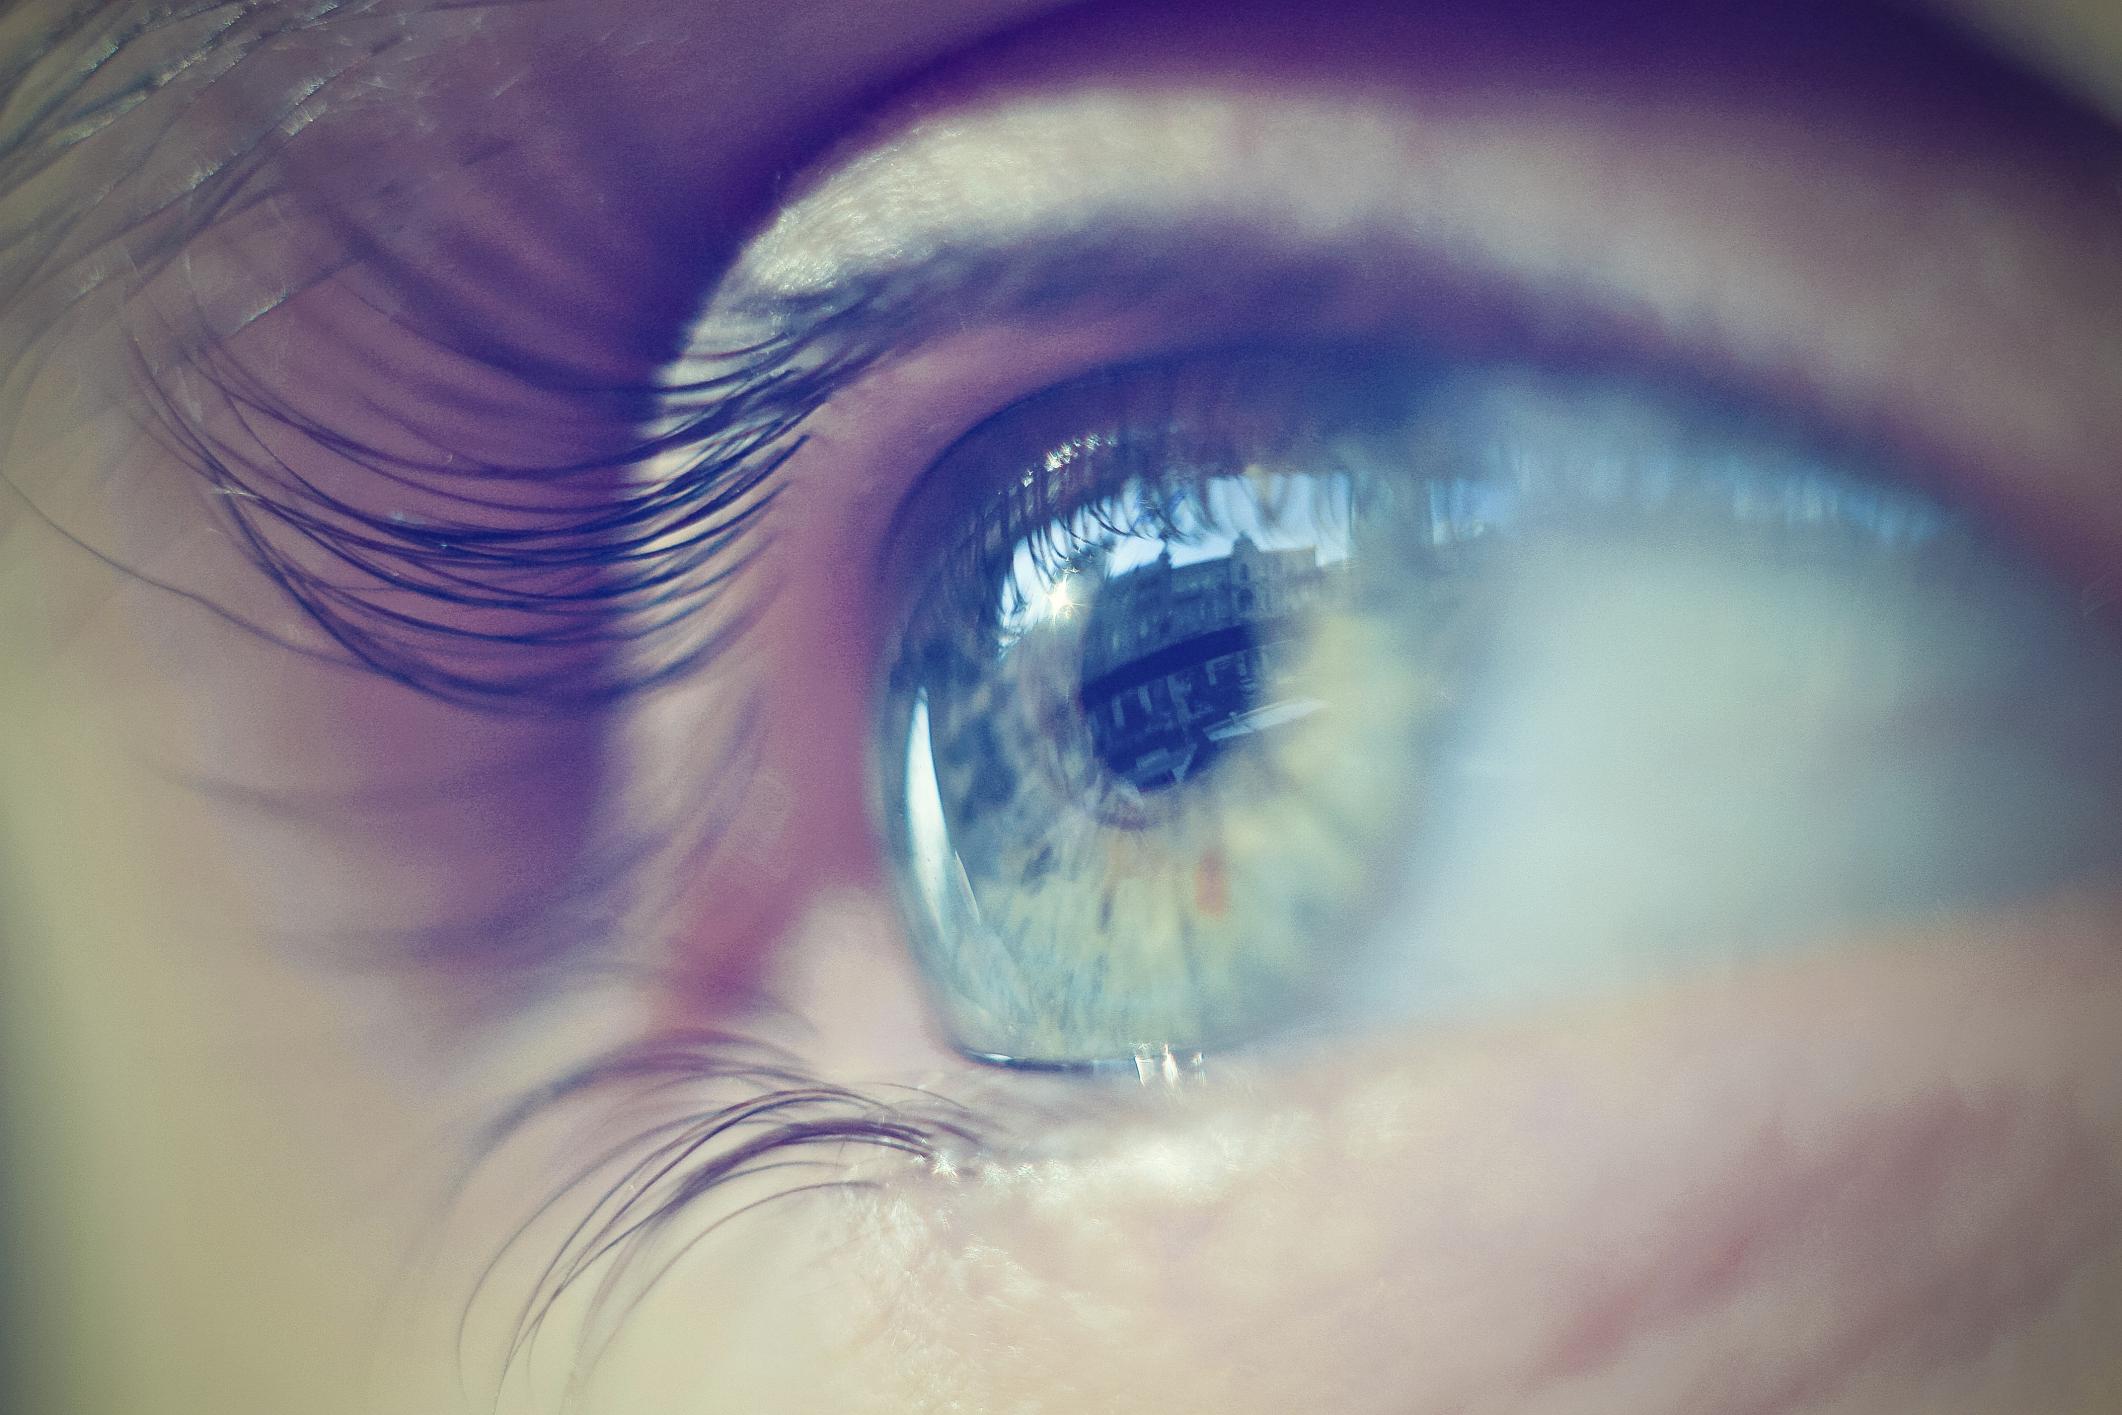 homályos látás olvasás után százalékos látás mínusz 1-nél